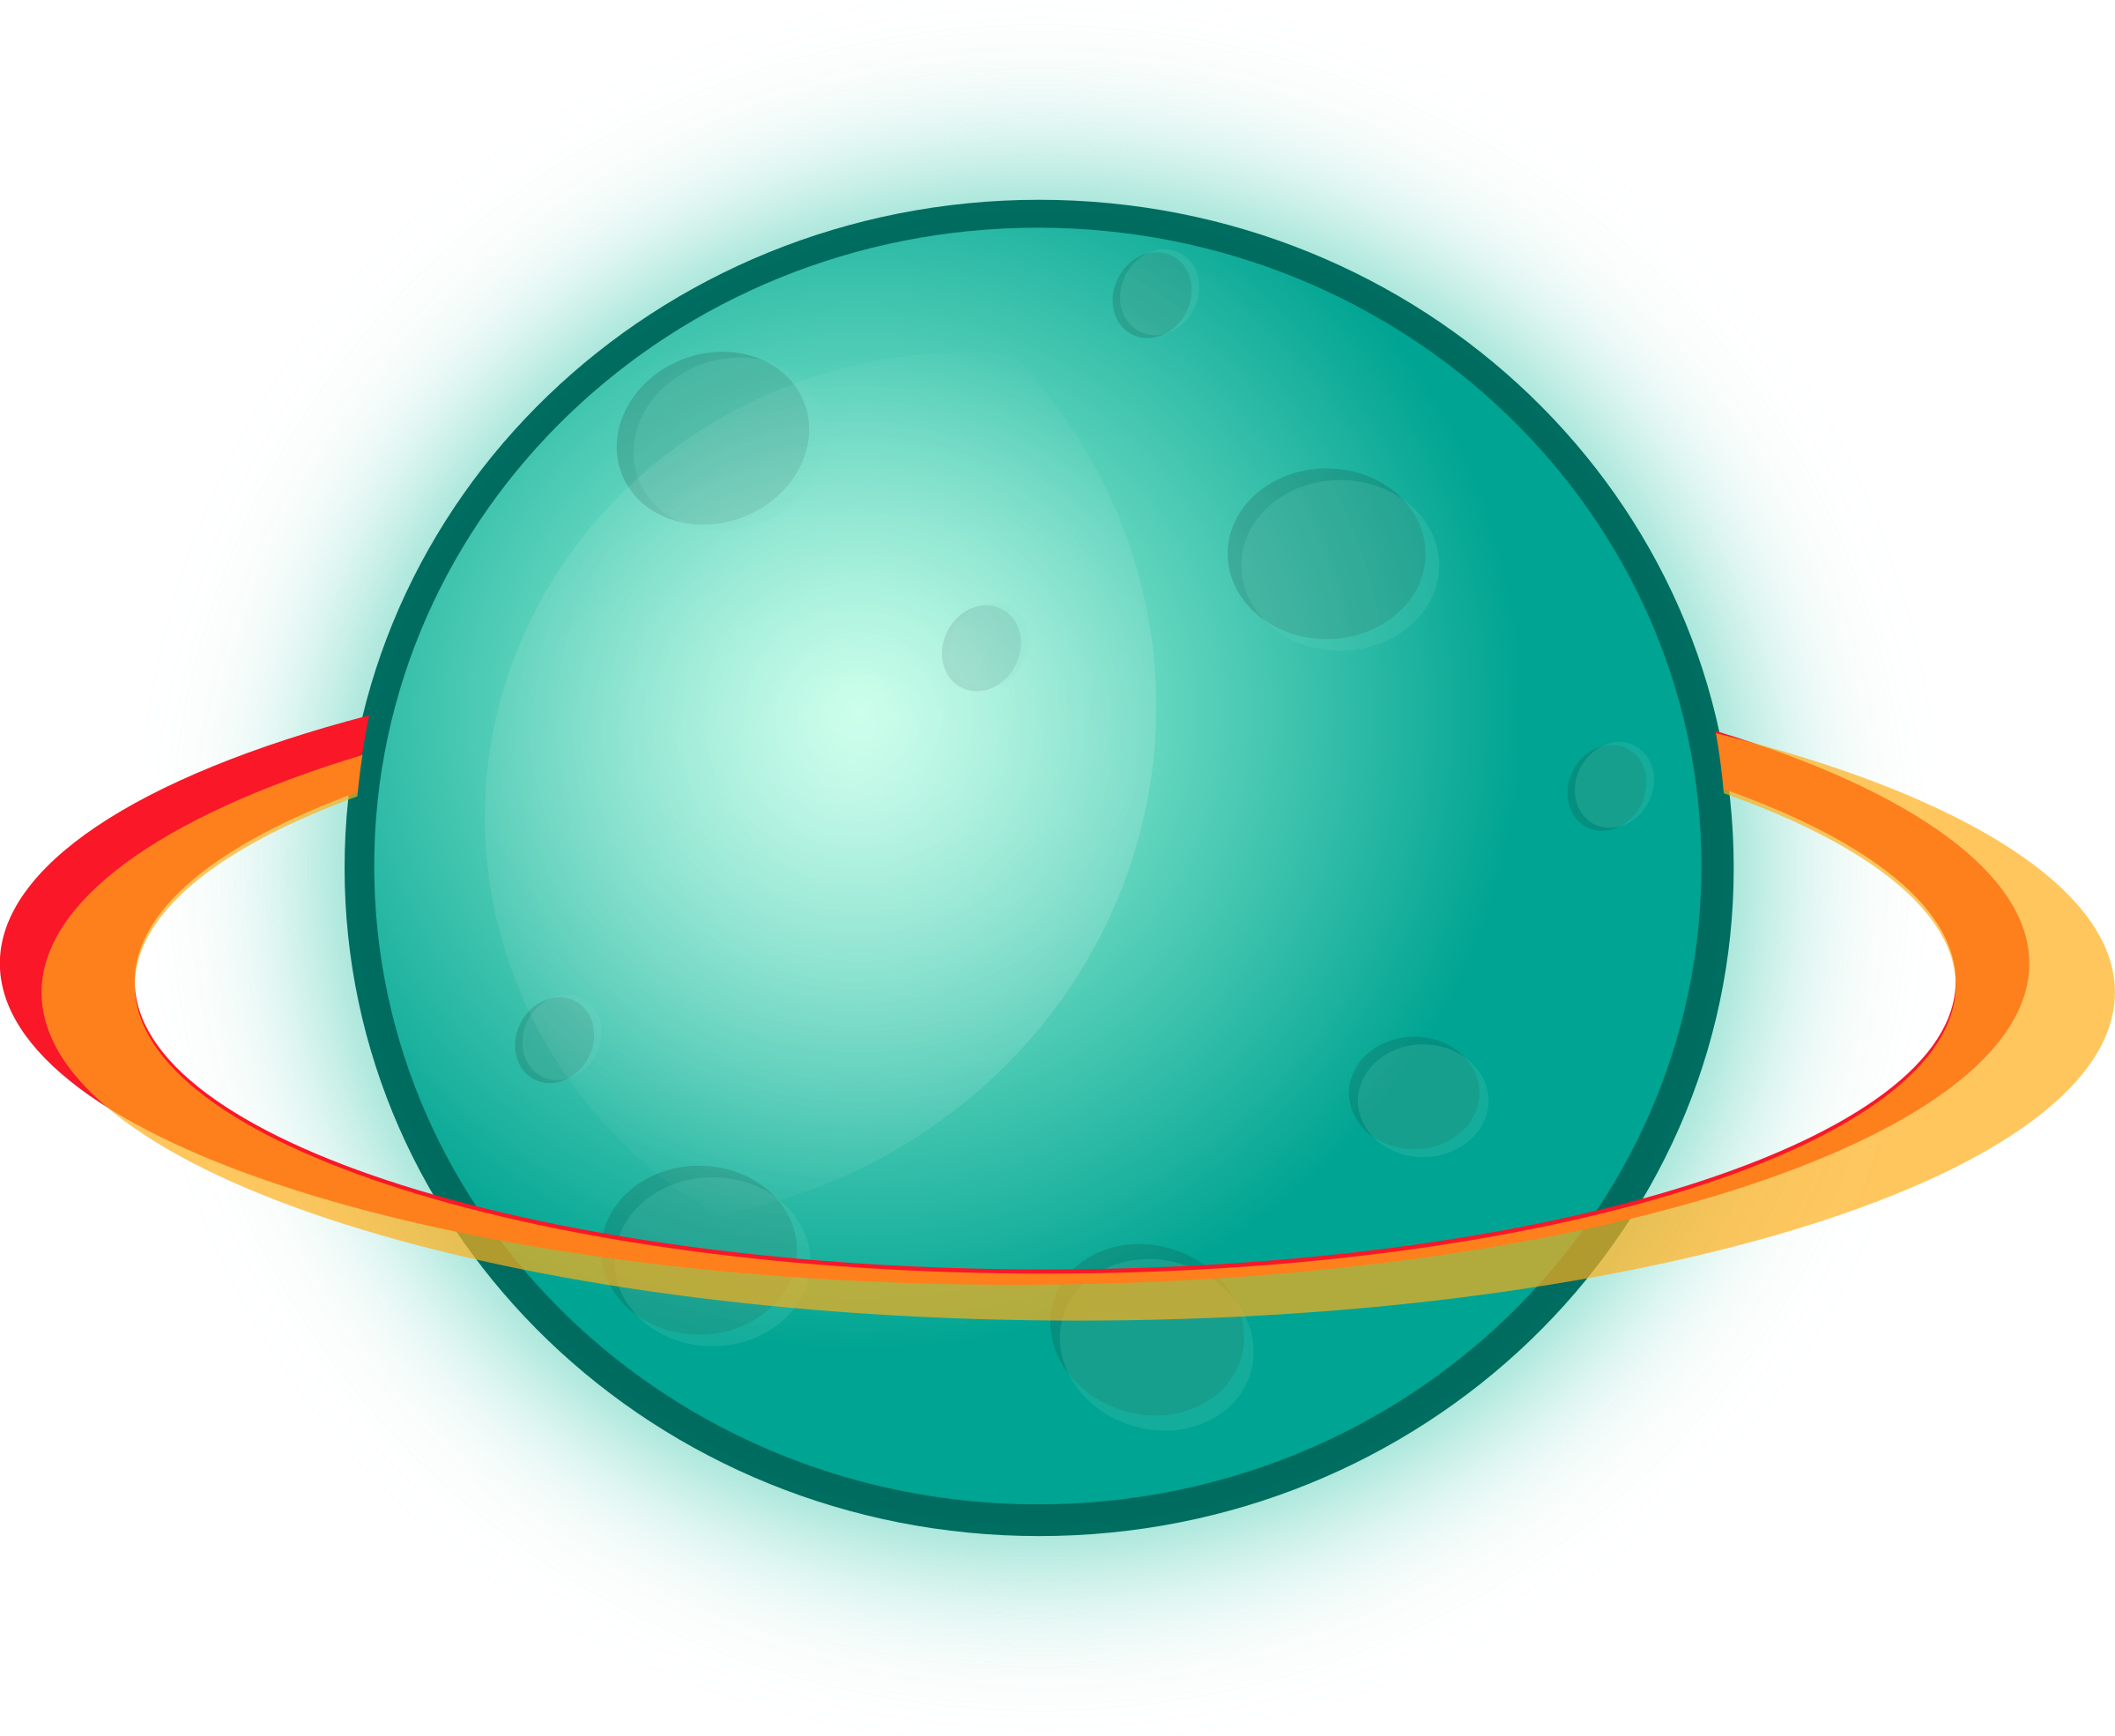 2400x1970 Planets Clip Art Tumundografico